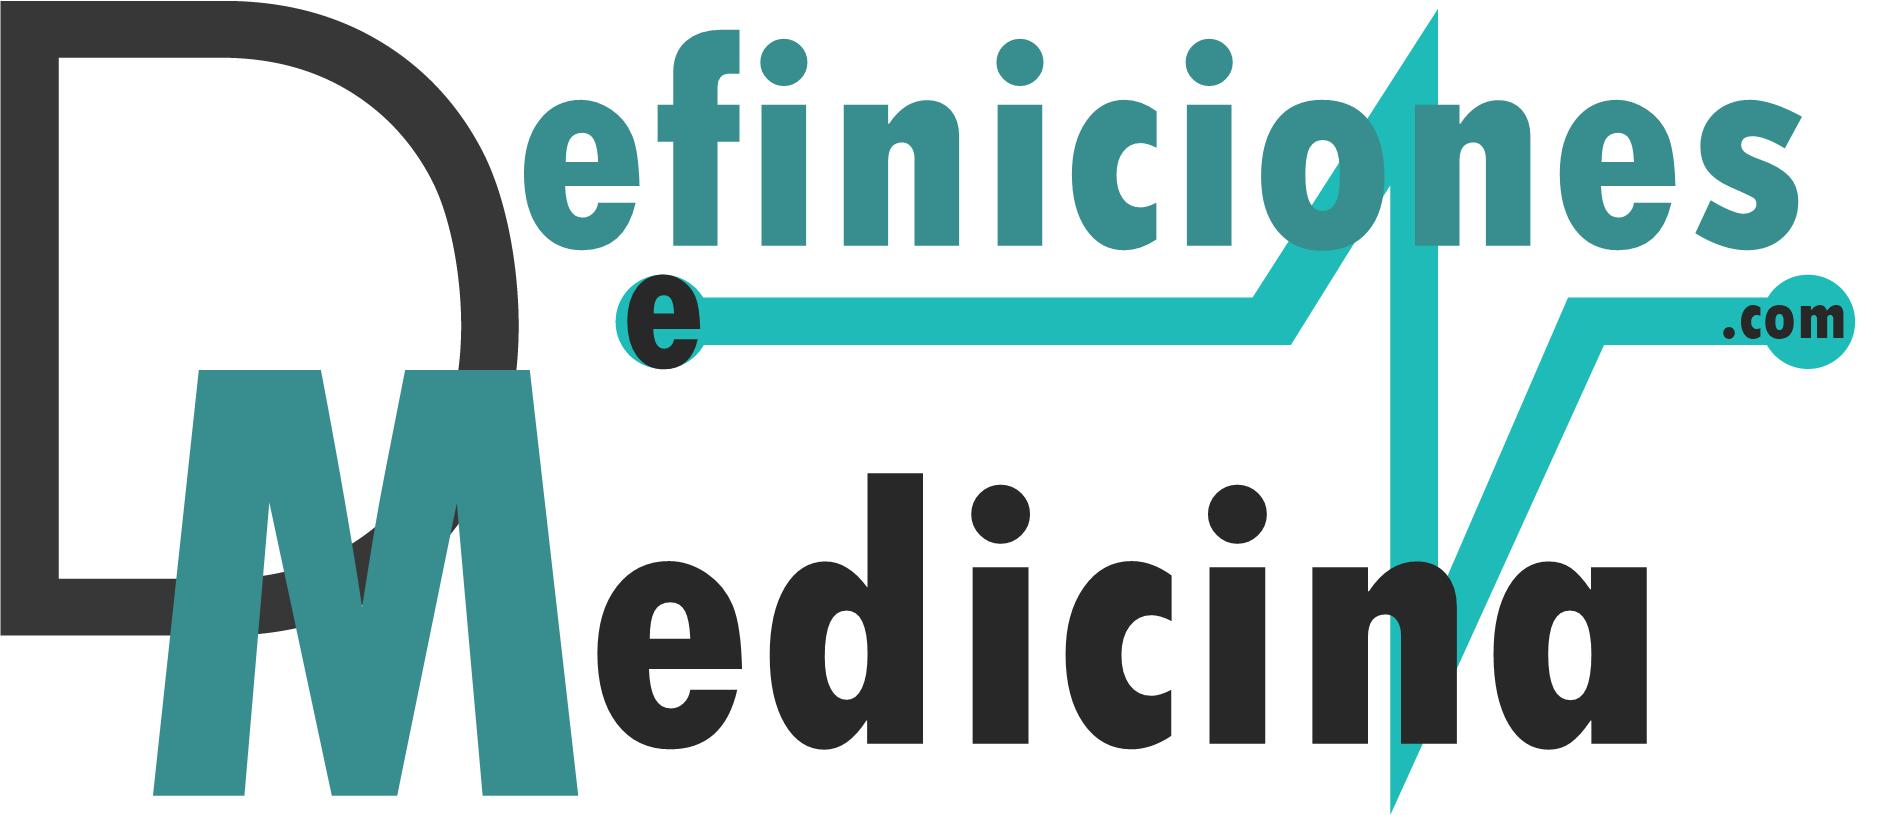 Definiciones de medicina. Definiciones de enfermedades, síntomas, signos, medicinas